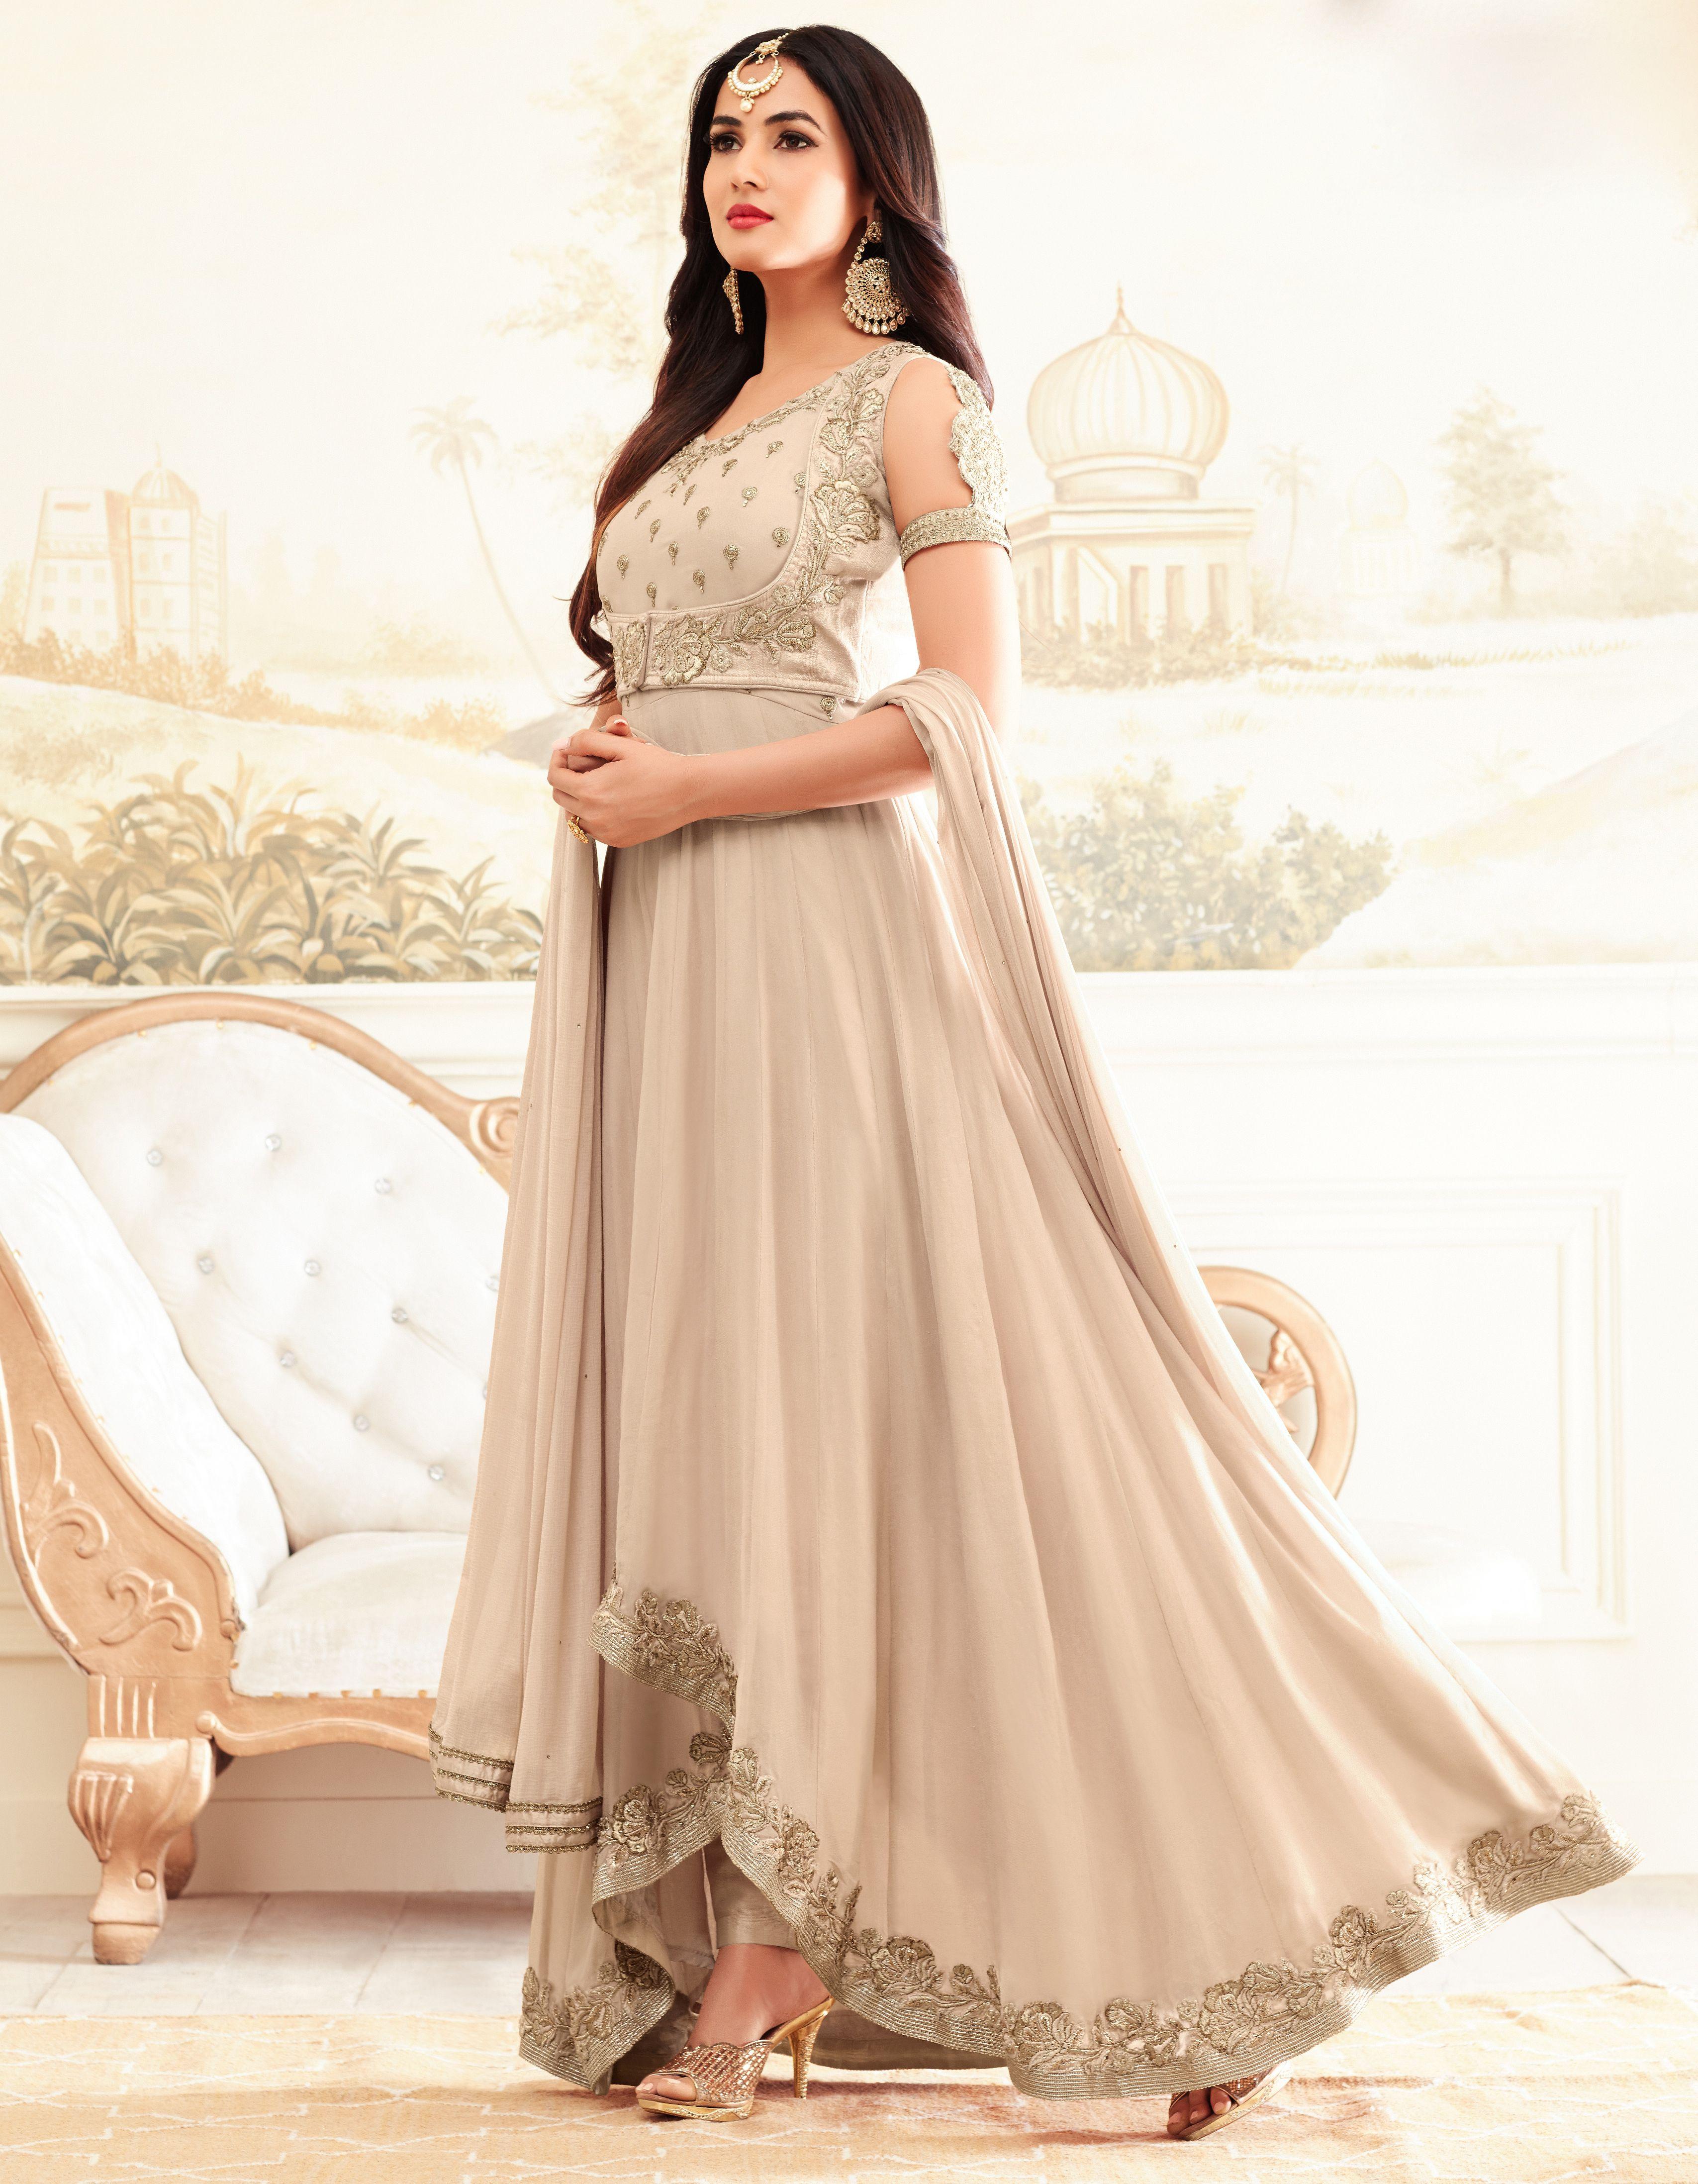 Designer salwar kameez boutique in bangalore dating 2